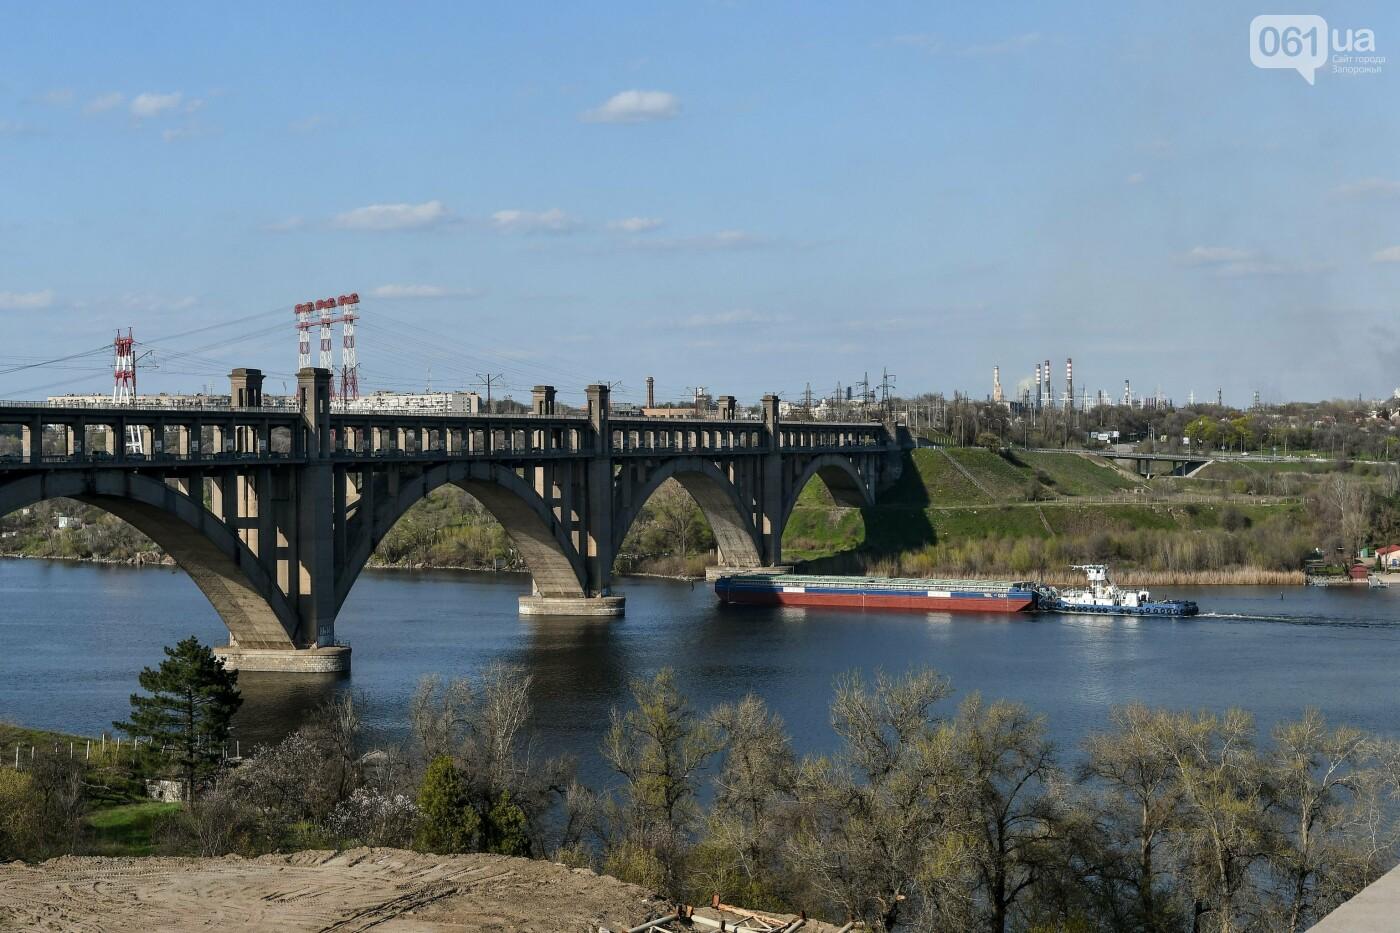 В Запорожье монтируют первый блок вантового моста, - ФОТОРЕПОРТАЖ, фото-20